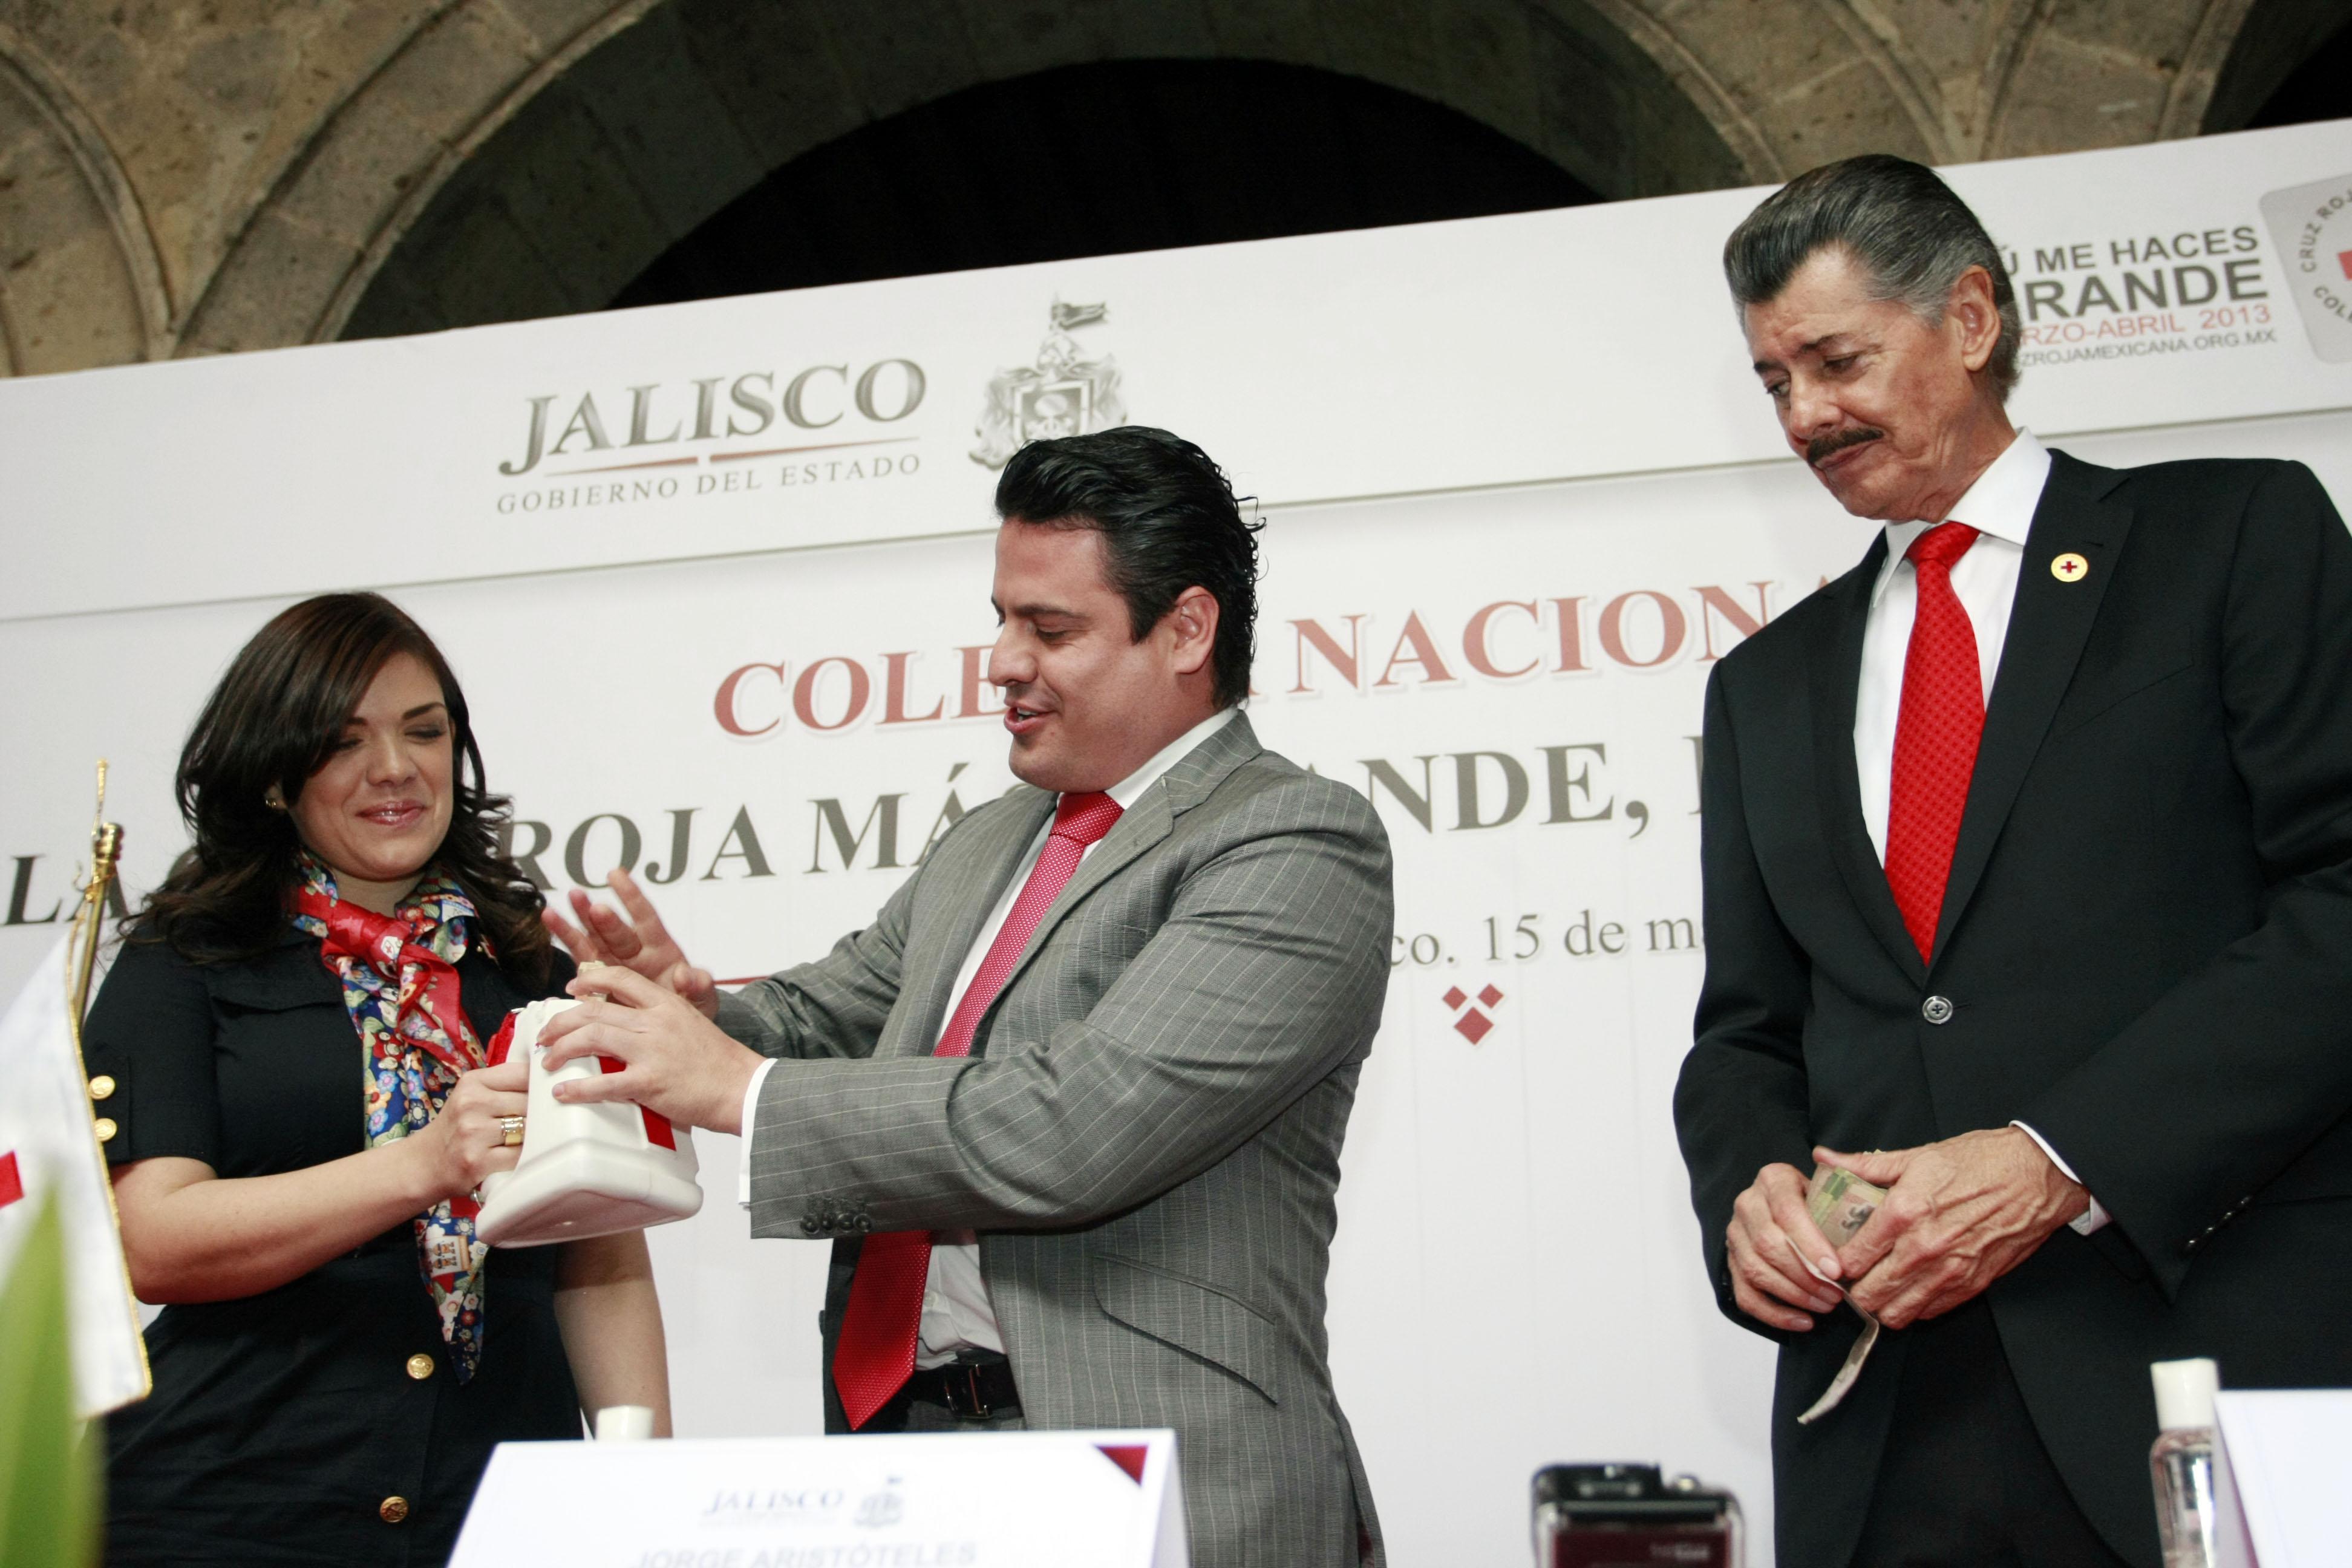 Cruz Roja y Hospicio Cabañas se benefician con 28mdp del refrendo vehicular